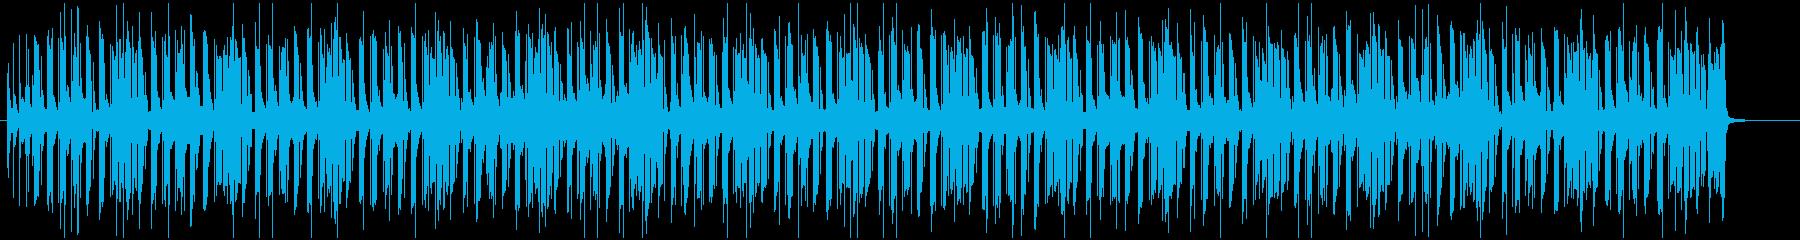 ほのぼのしたピアノポップス☆知育・子どもの再生済みの波形